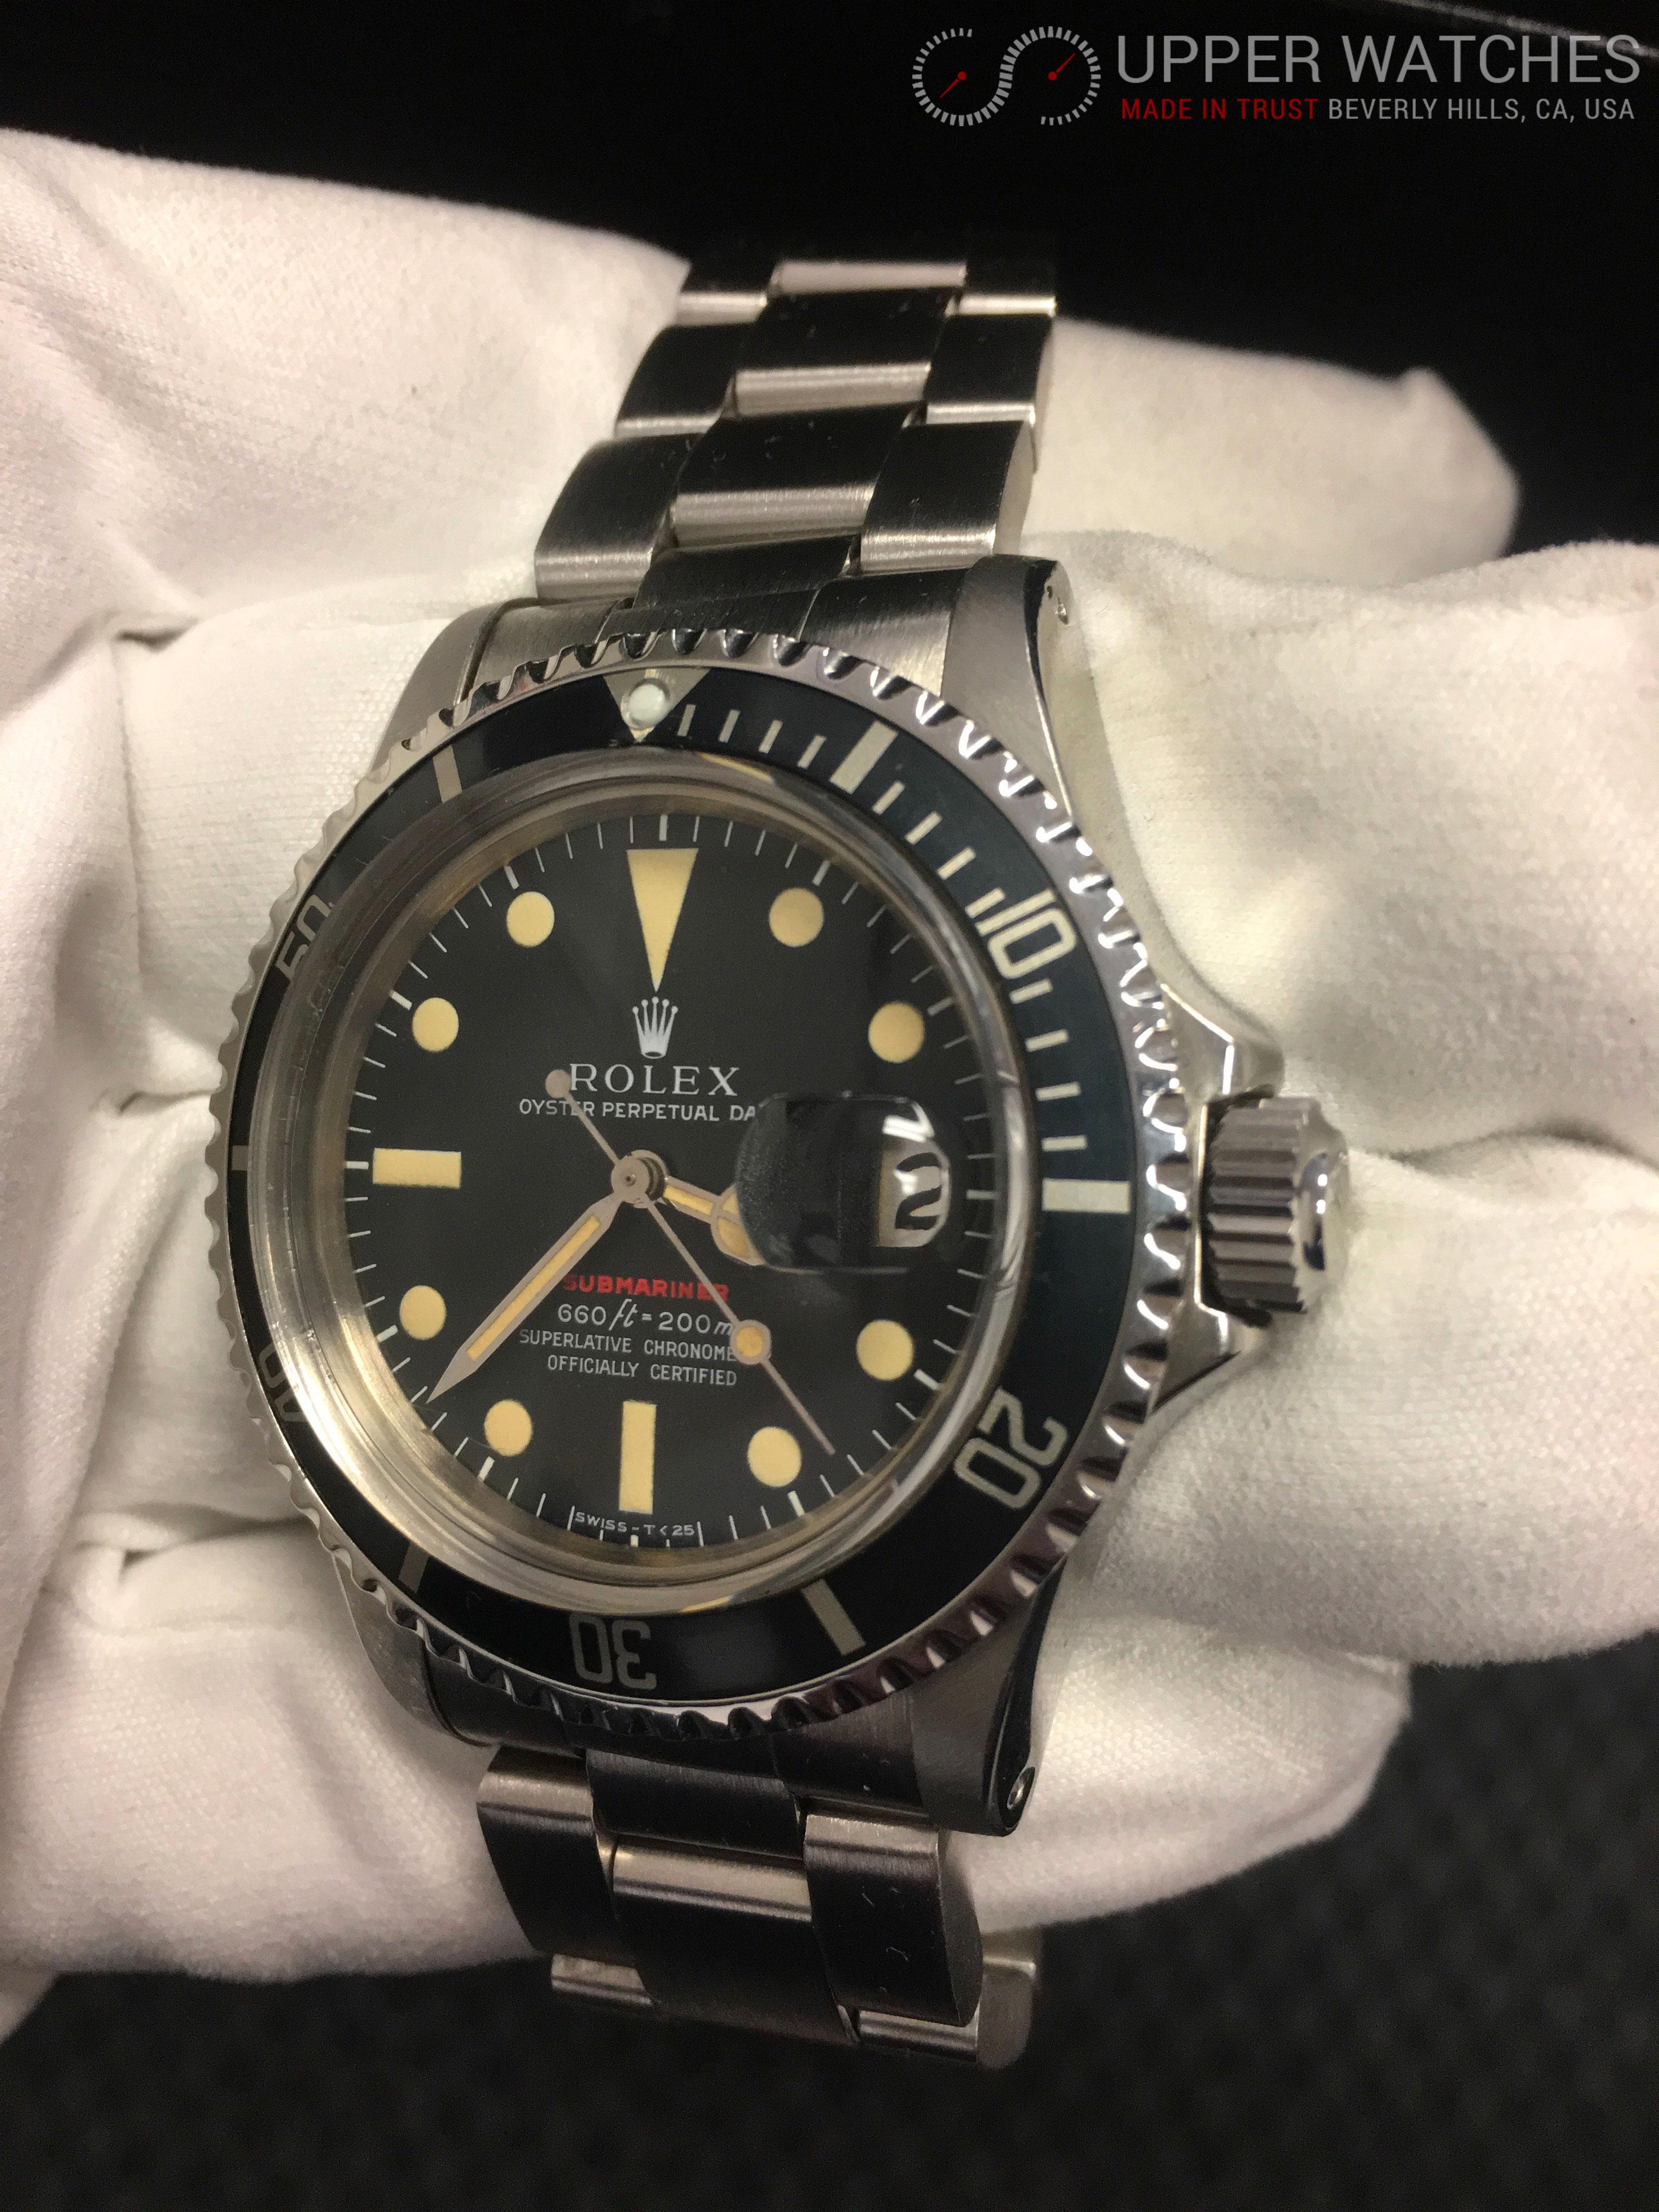 Rolex Red Submariner 1680 Circa 1972 Upper Watches